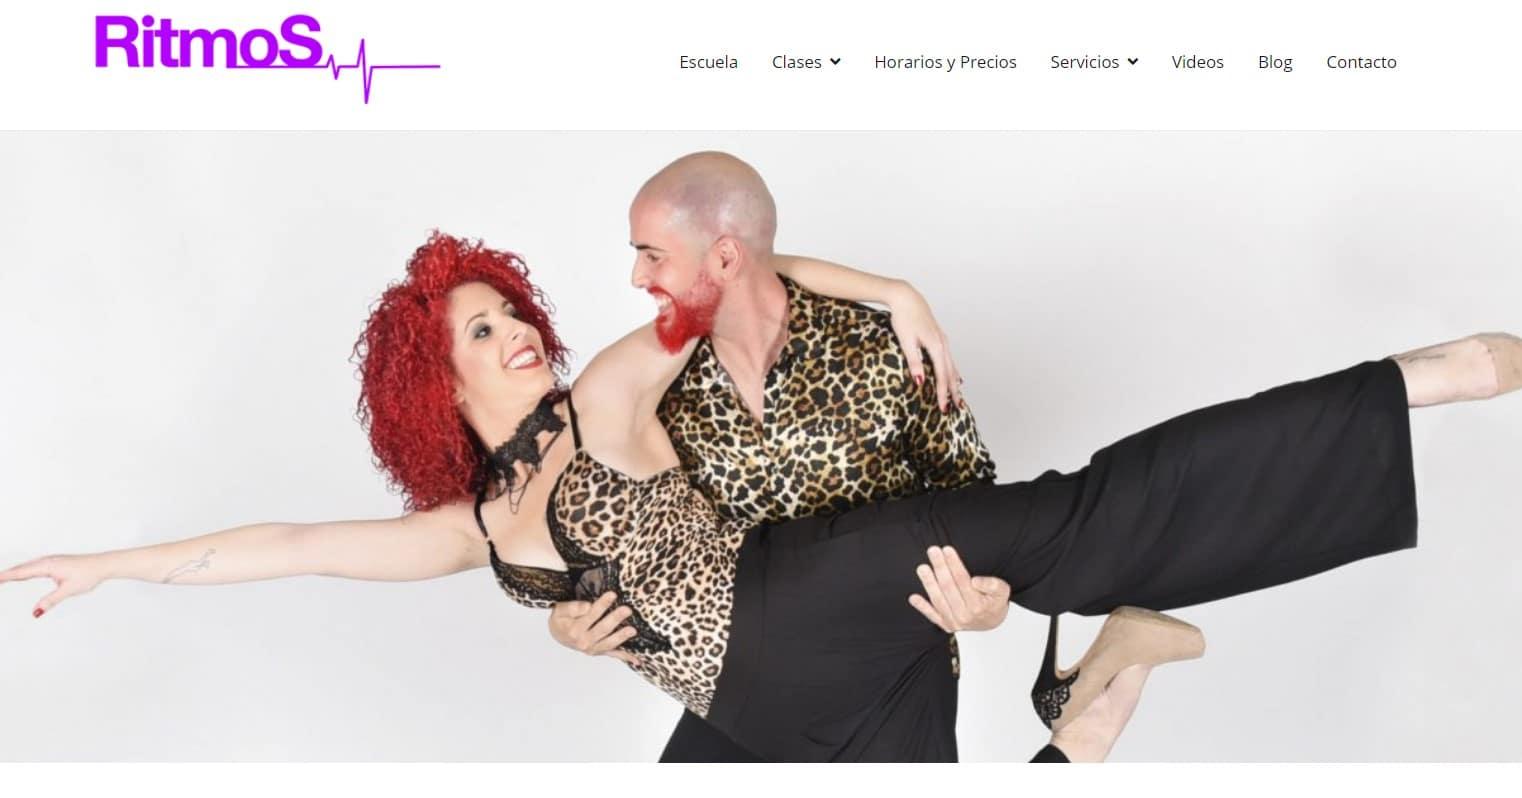 ¡Hoy presentamos nueva web!